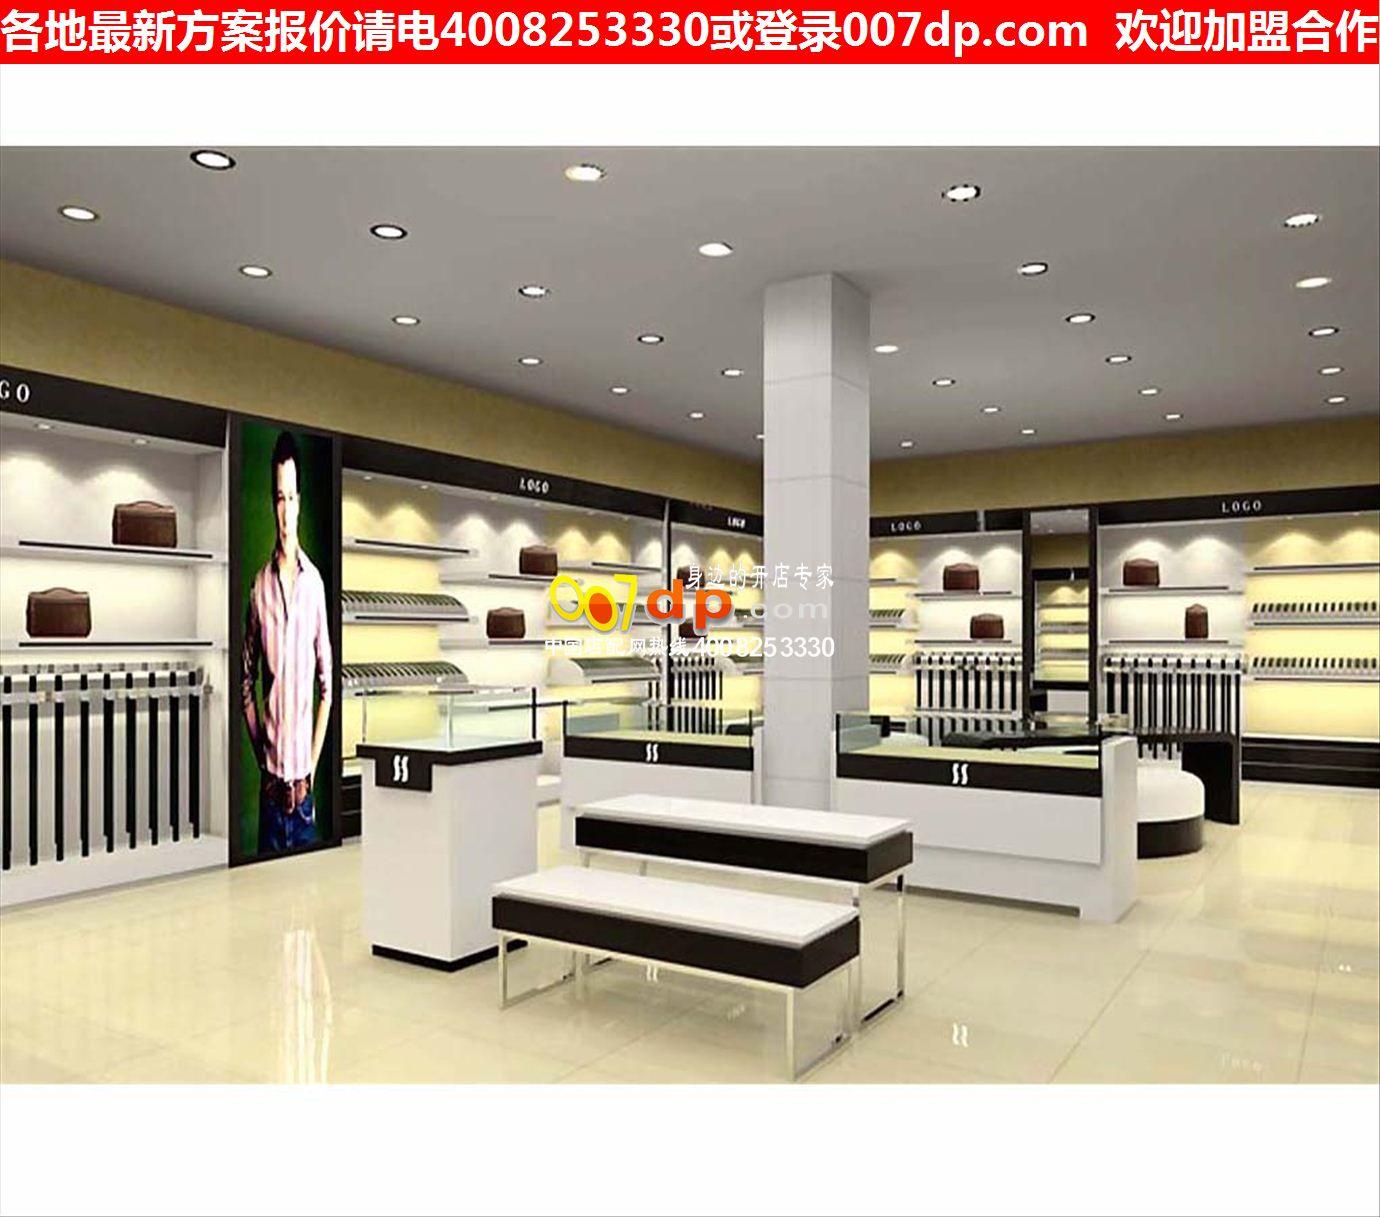 时尚服装店装修货架创意服装展柜简约服装店装修效果